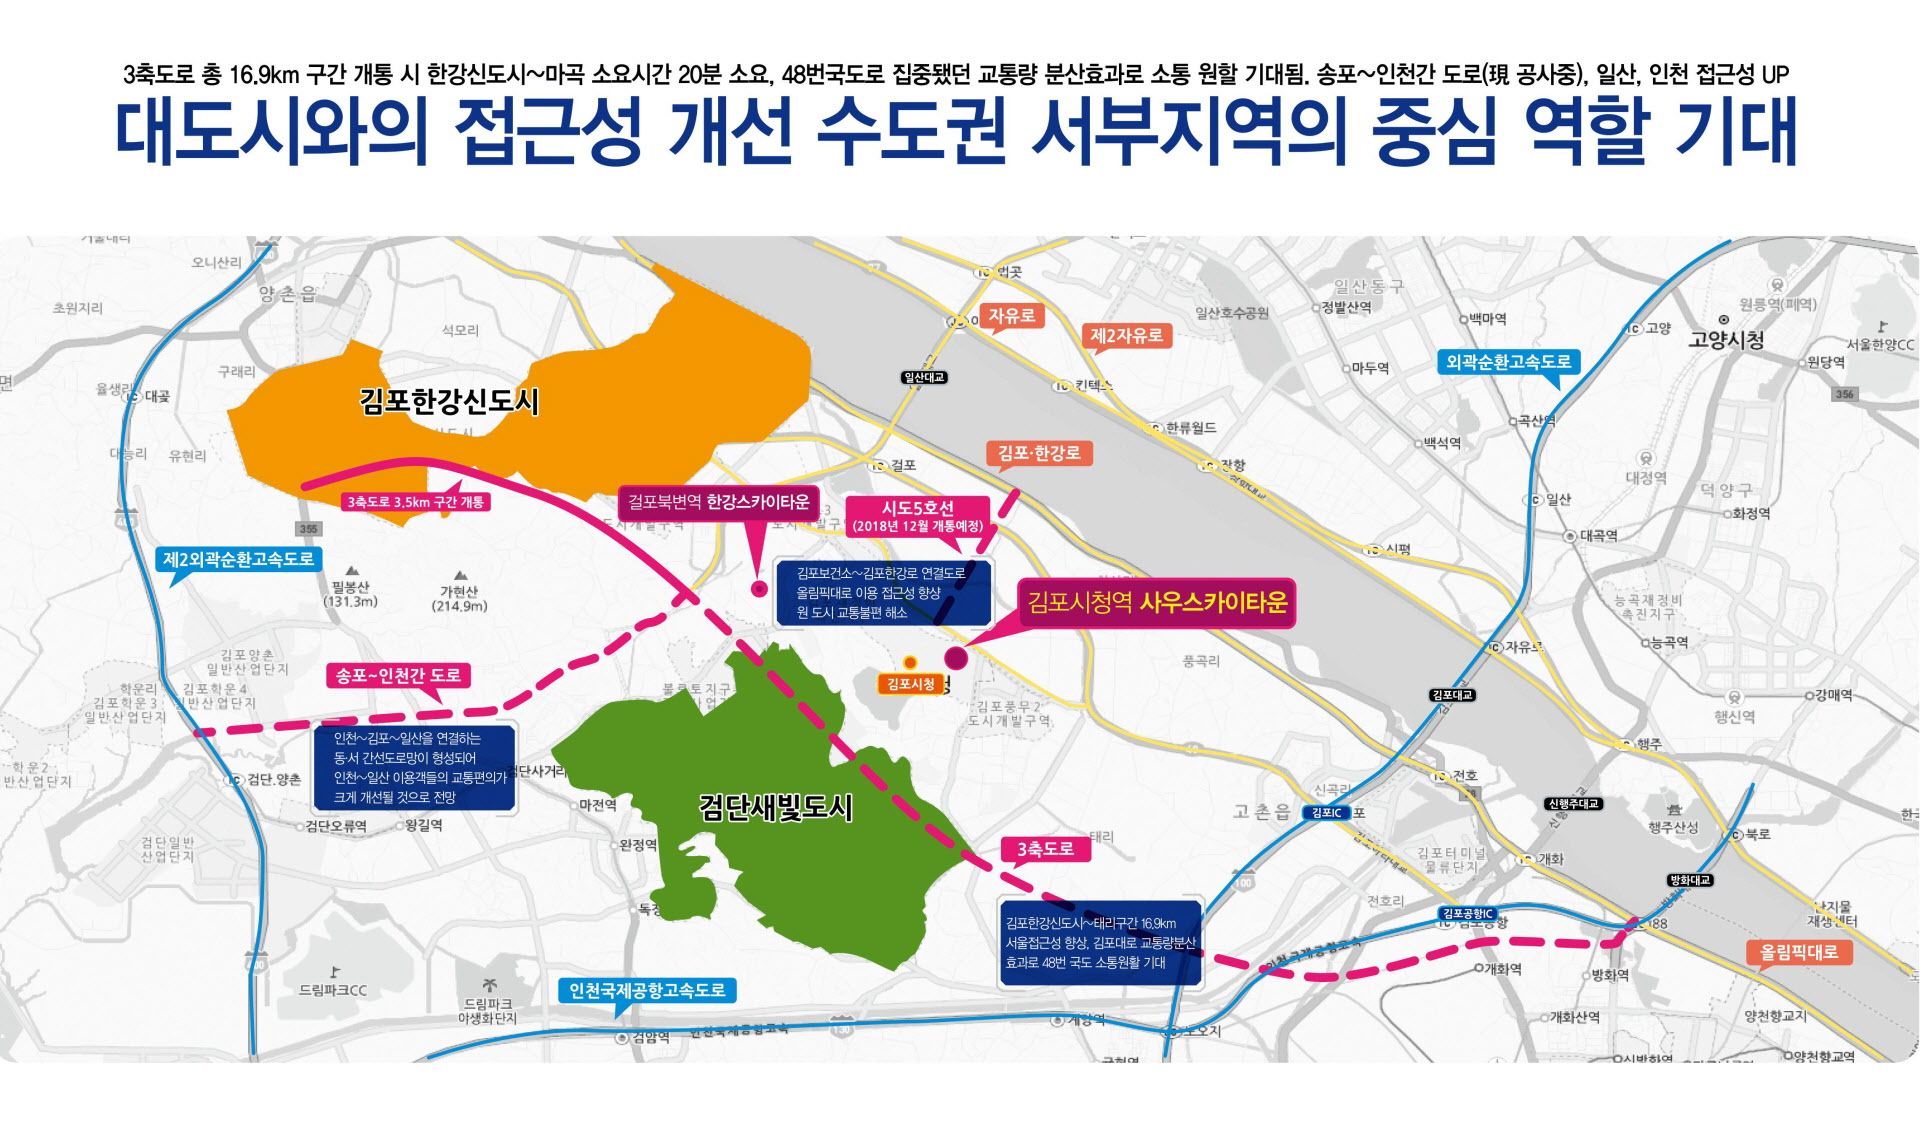 김포 사우스카이 타운 프리미엄